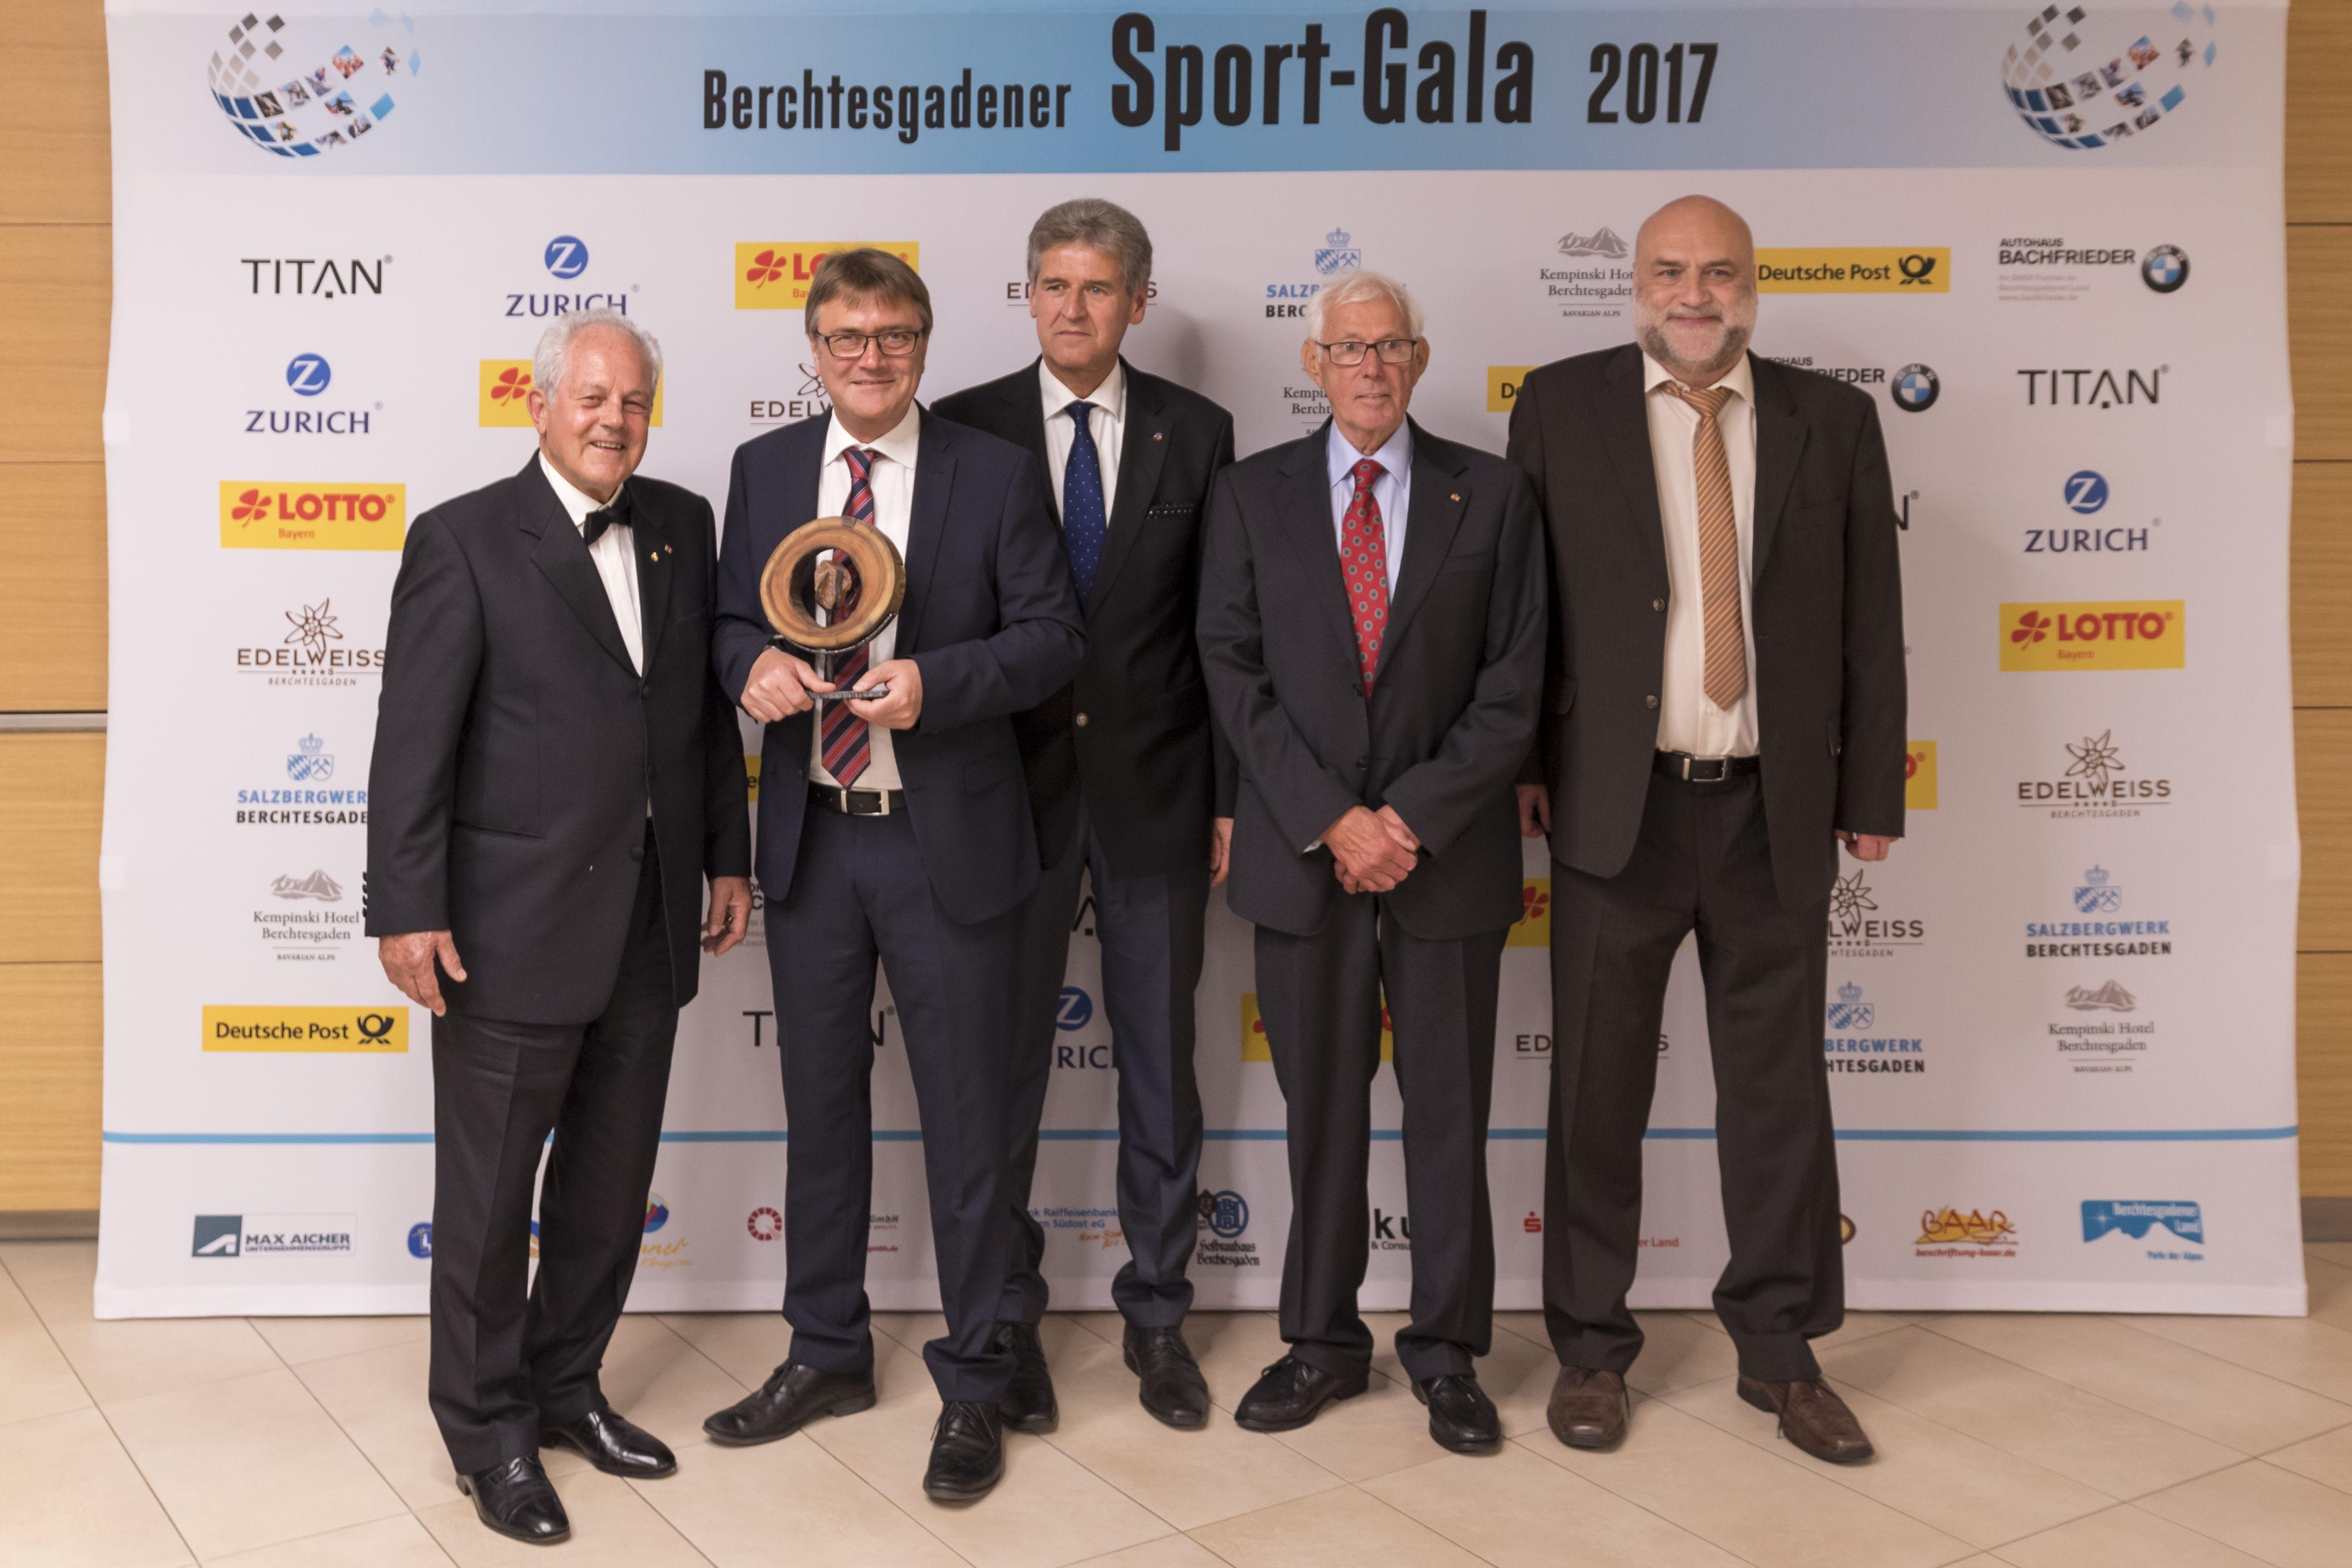 Berchtesgaden, Deutschland, Kurhaus, 05.5.2017, , Sportgala 2017